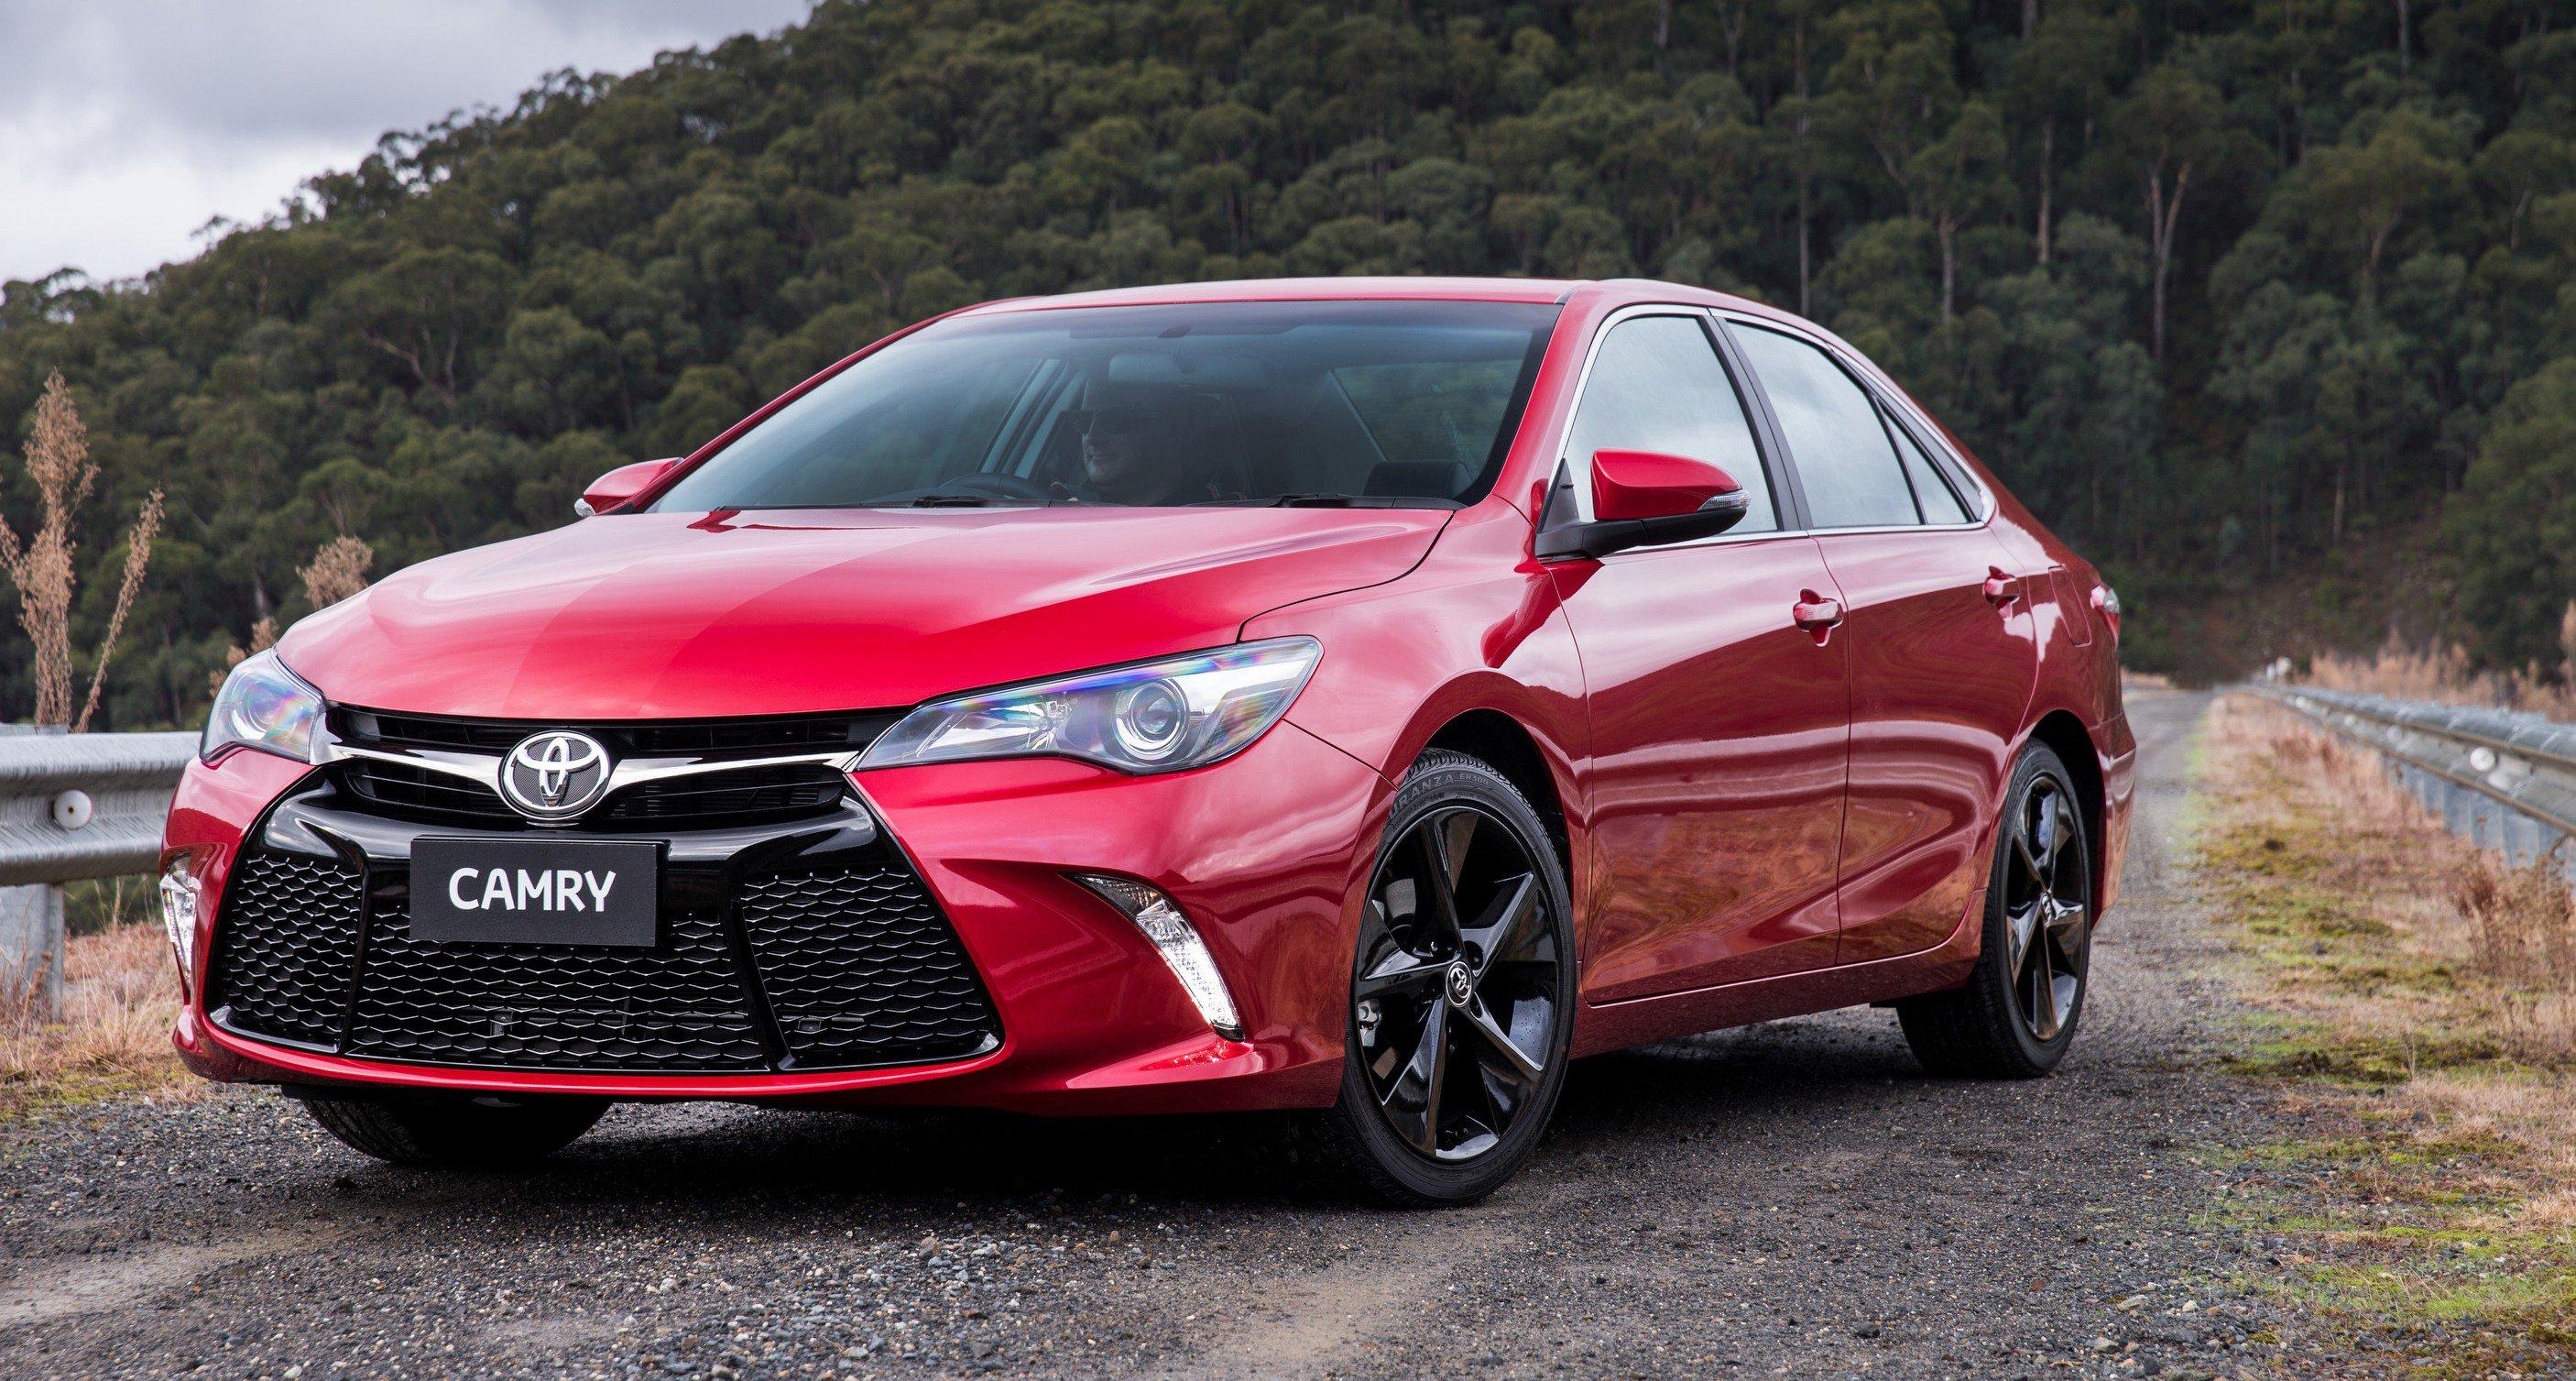 Công nghệ đột phá trên Toyota Camry 2017